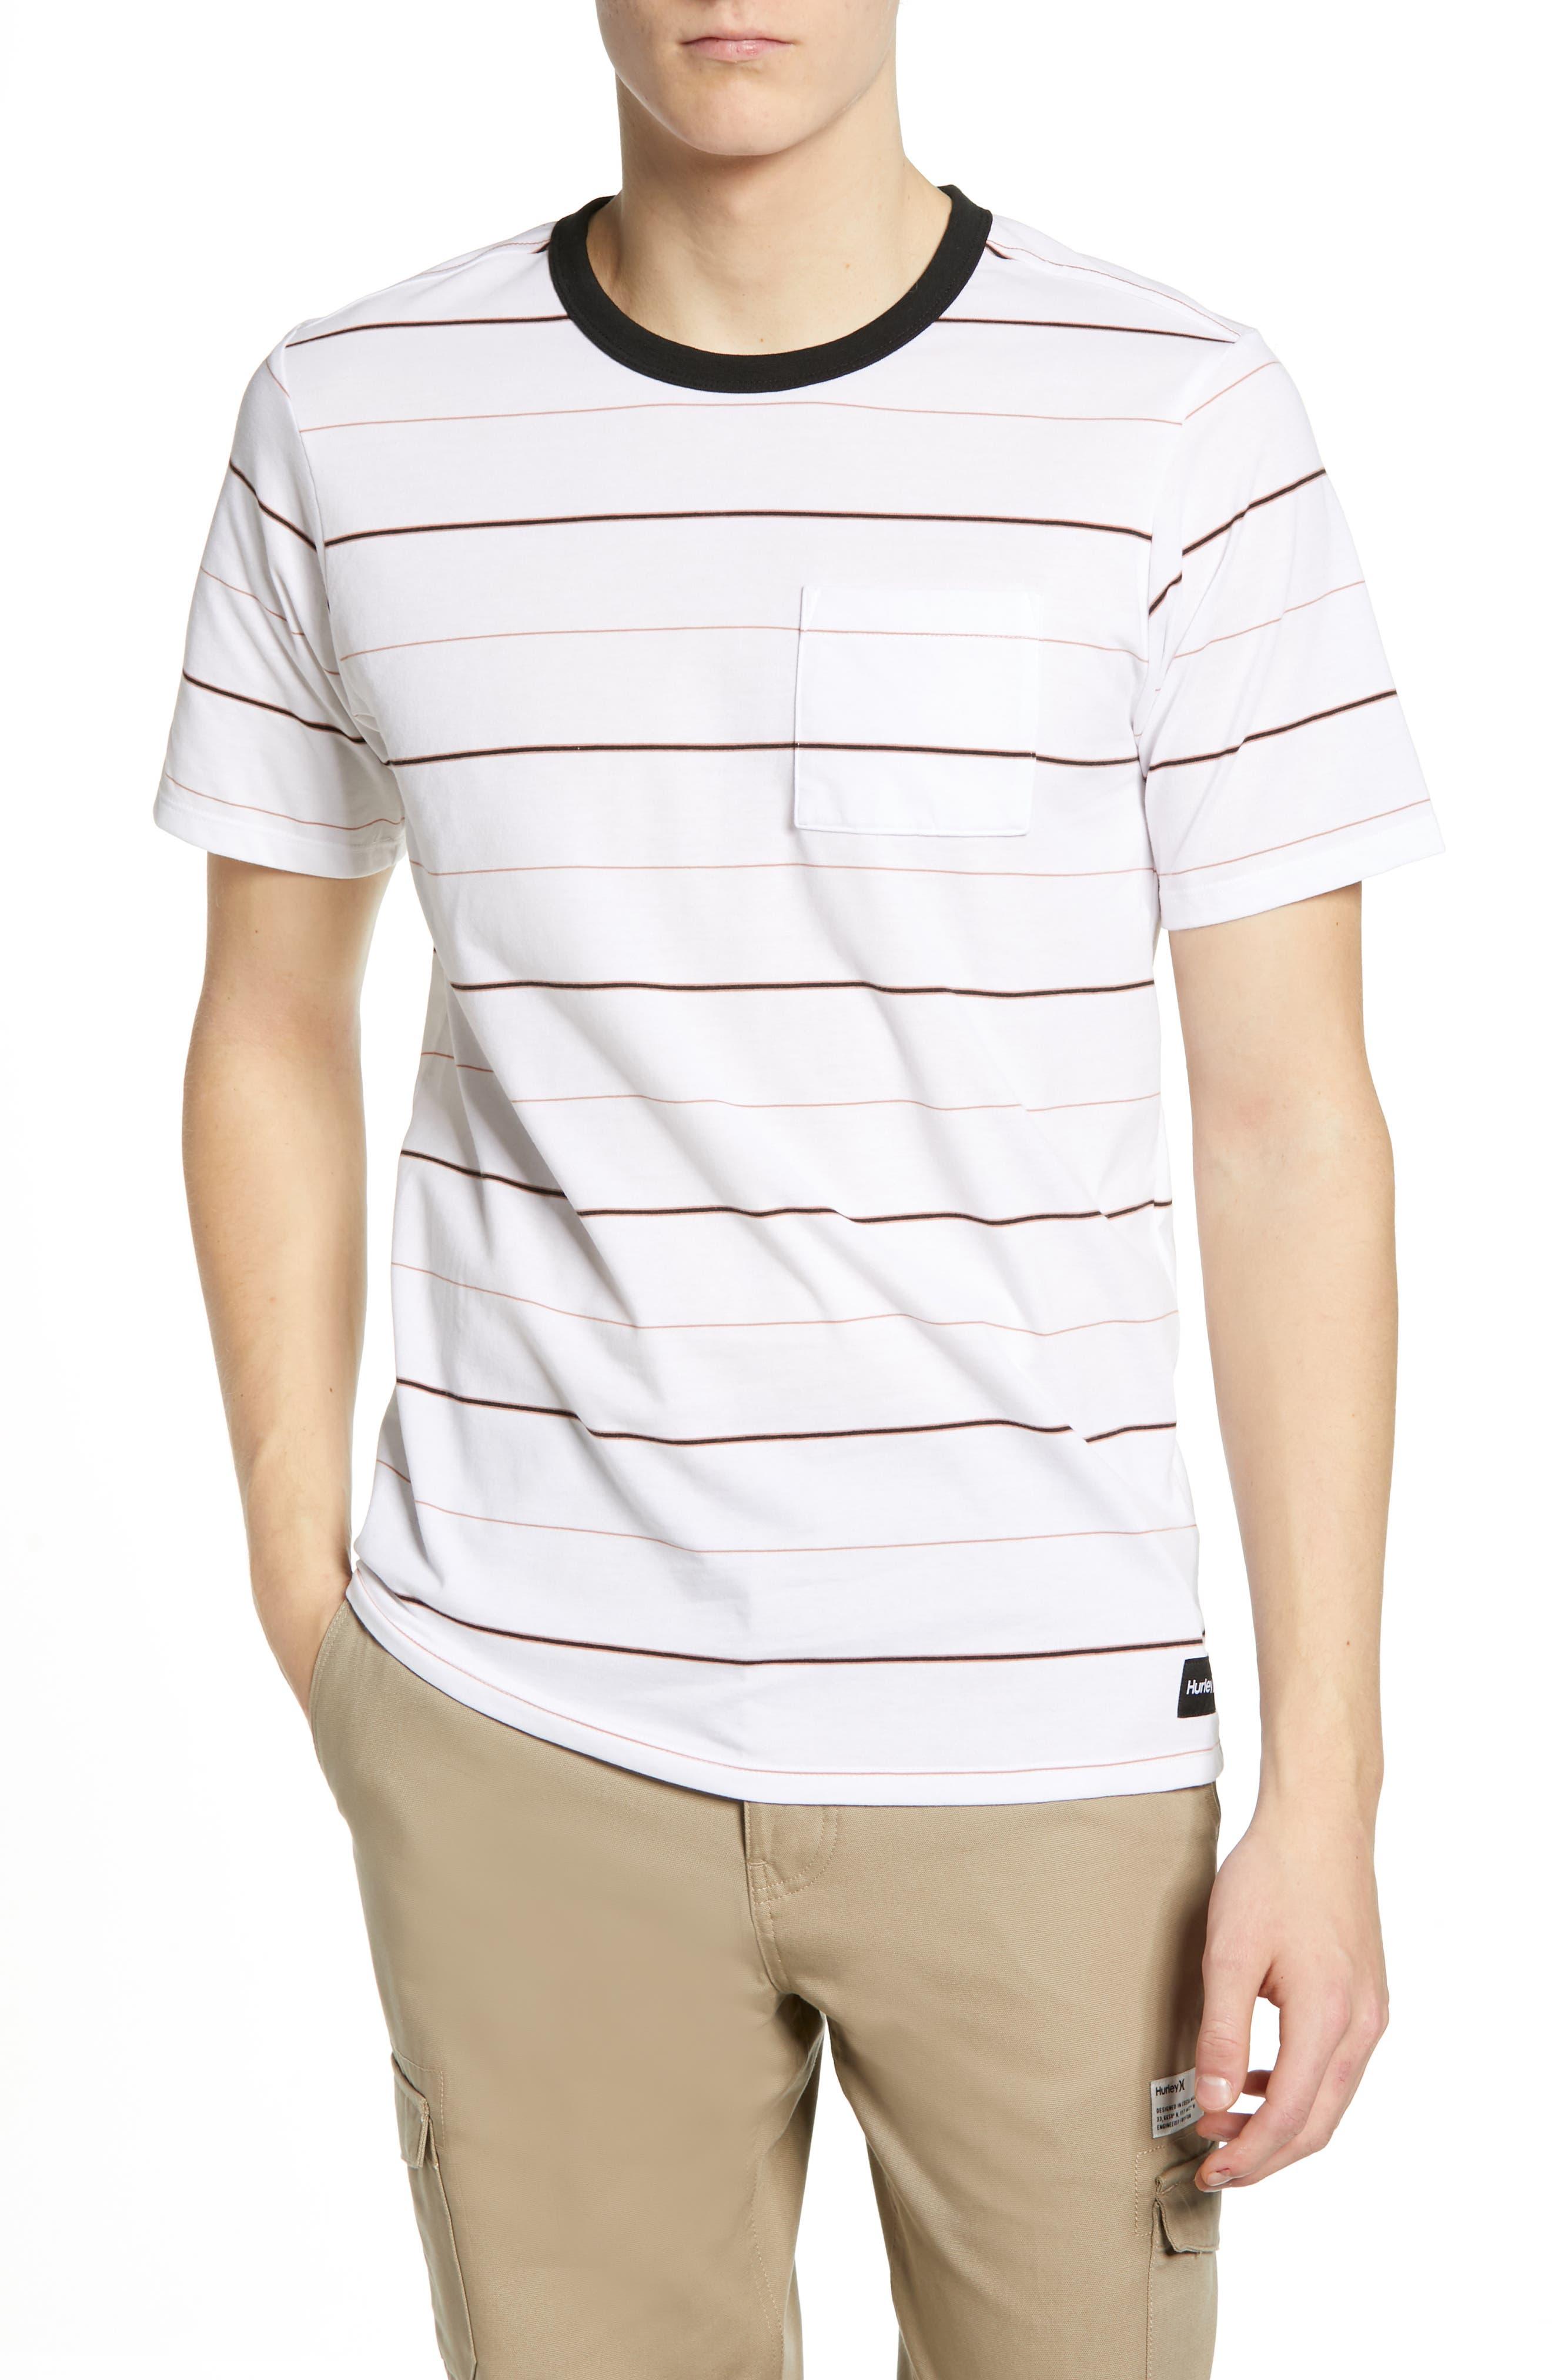 Hurley Dri-Fit Straya Stripe Pocket T-Shirt, White